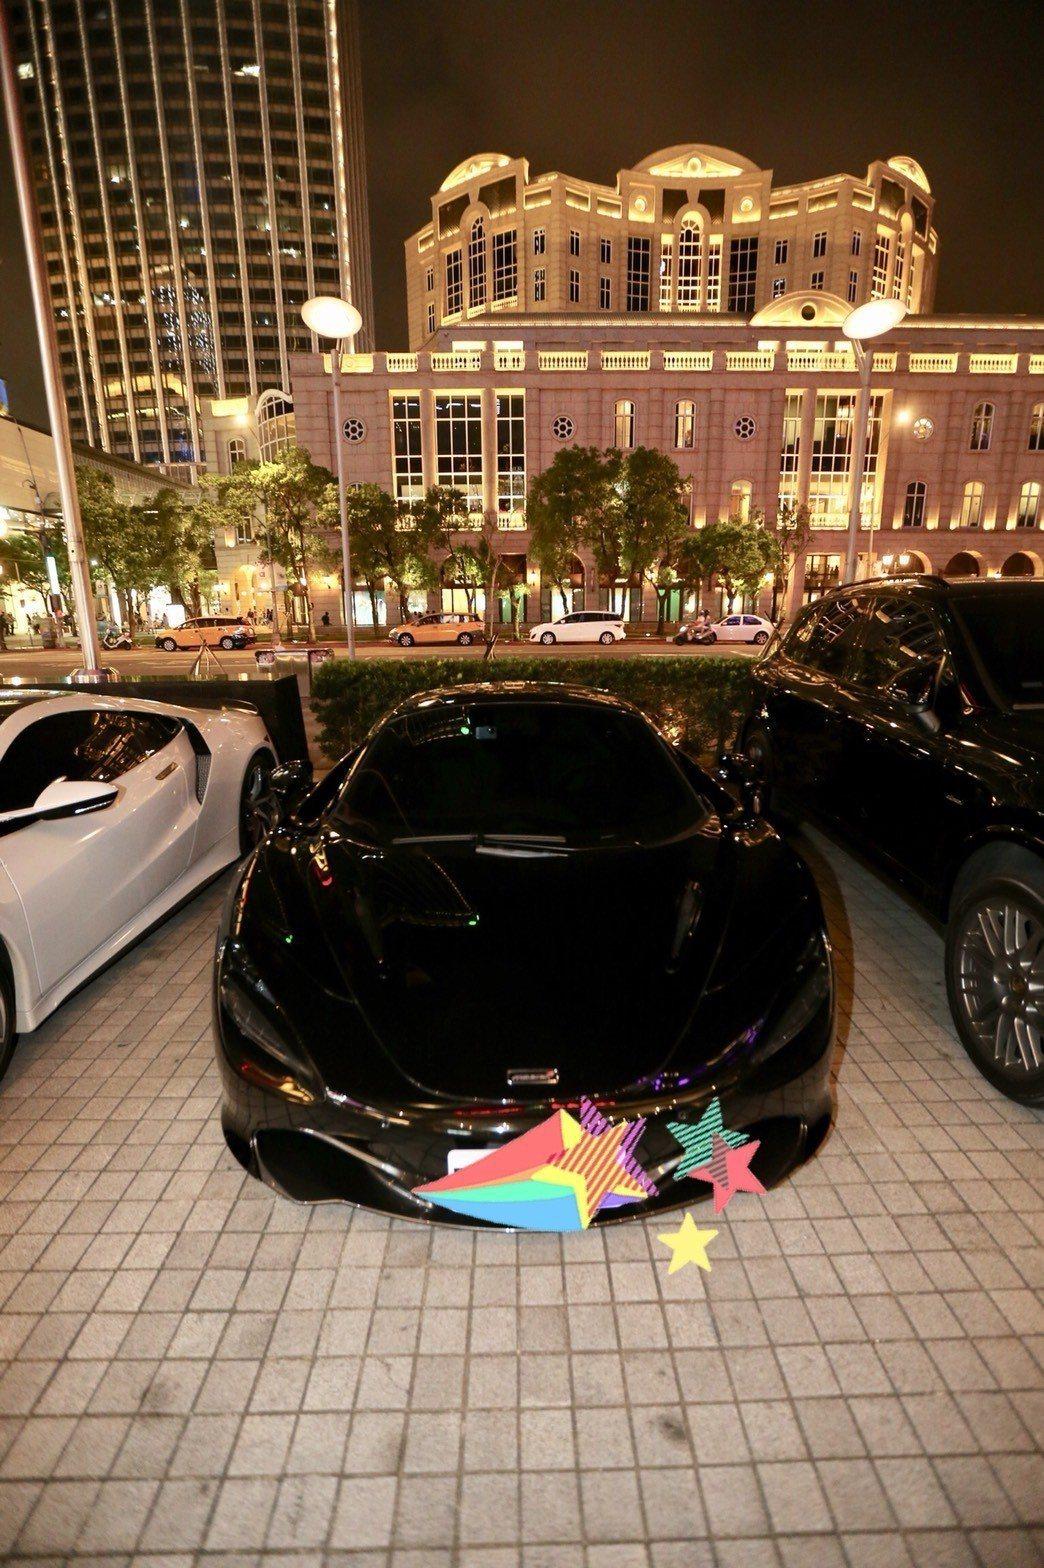 黑人的愛車在夜色中相當吸睛。記者許正宏/攝影